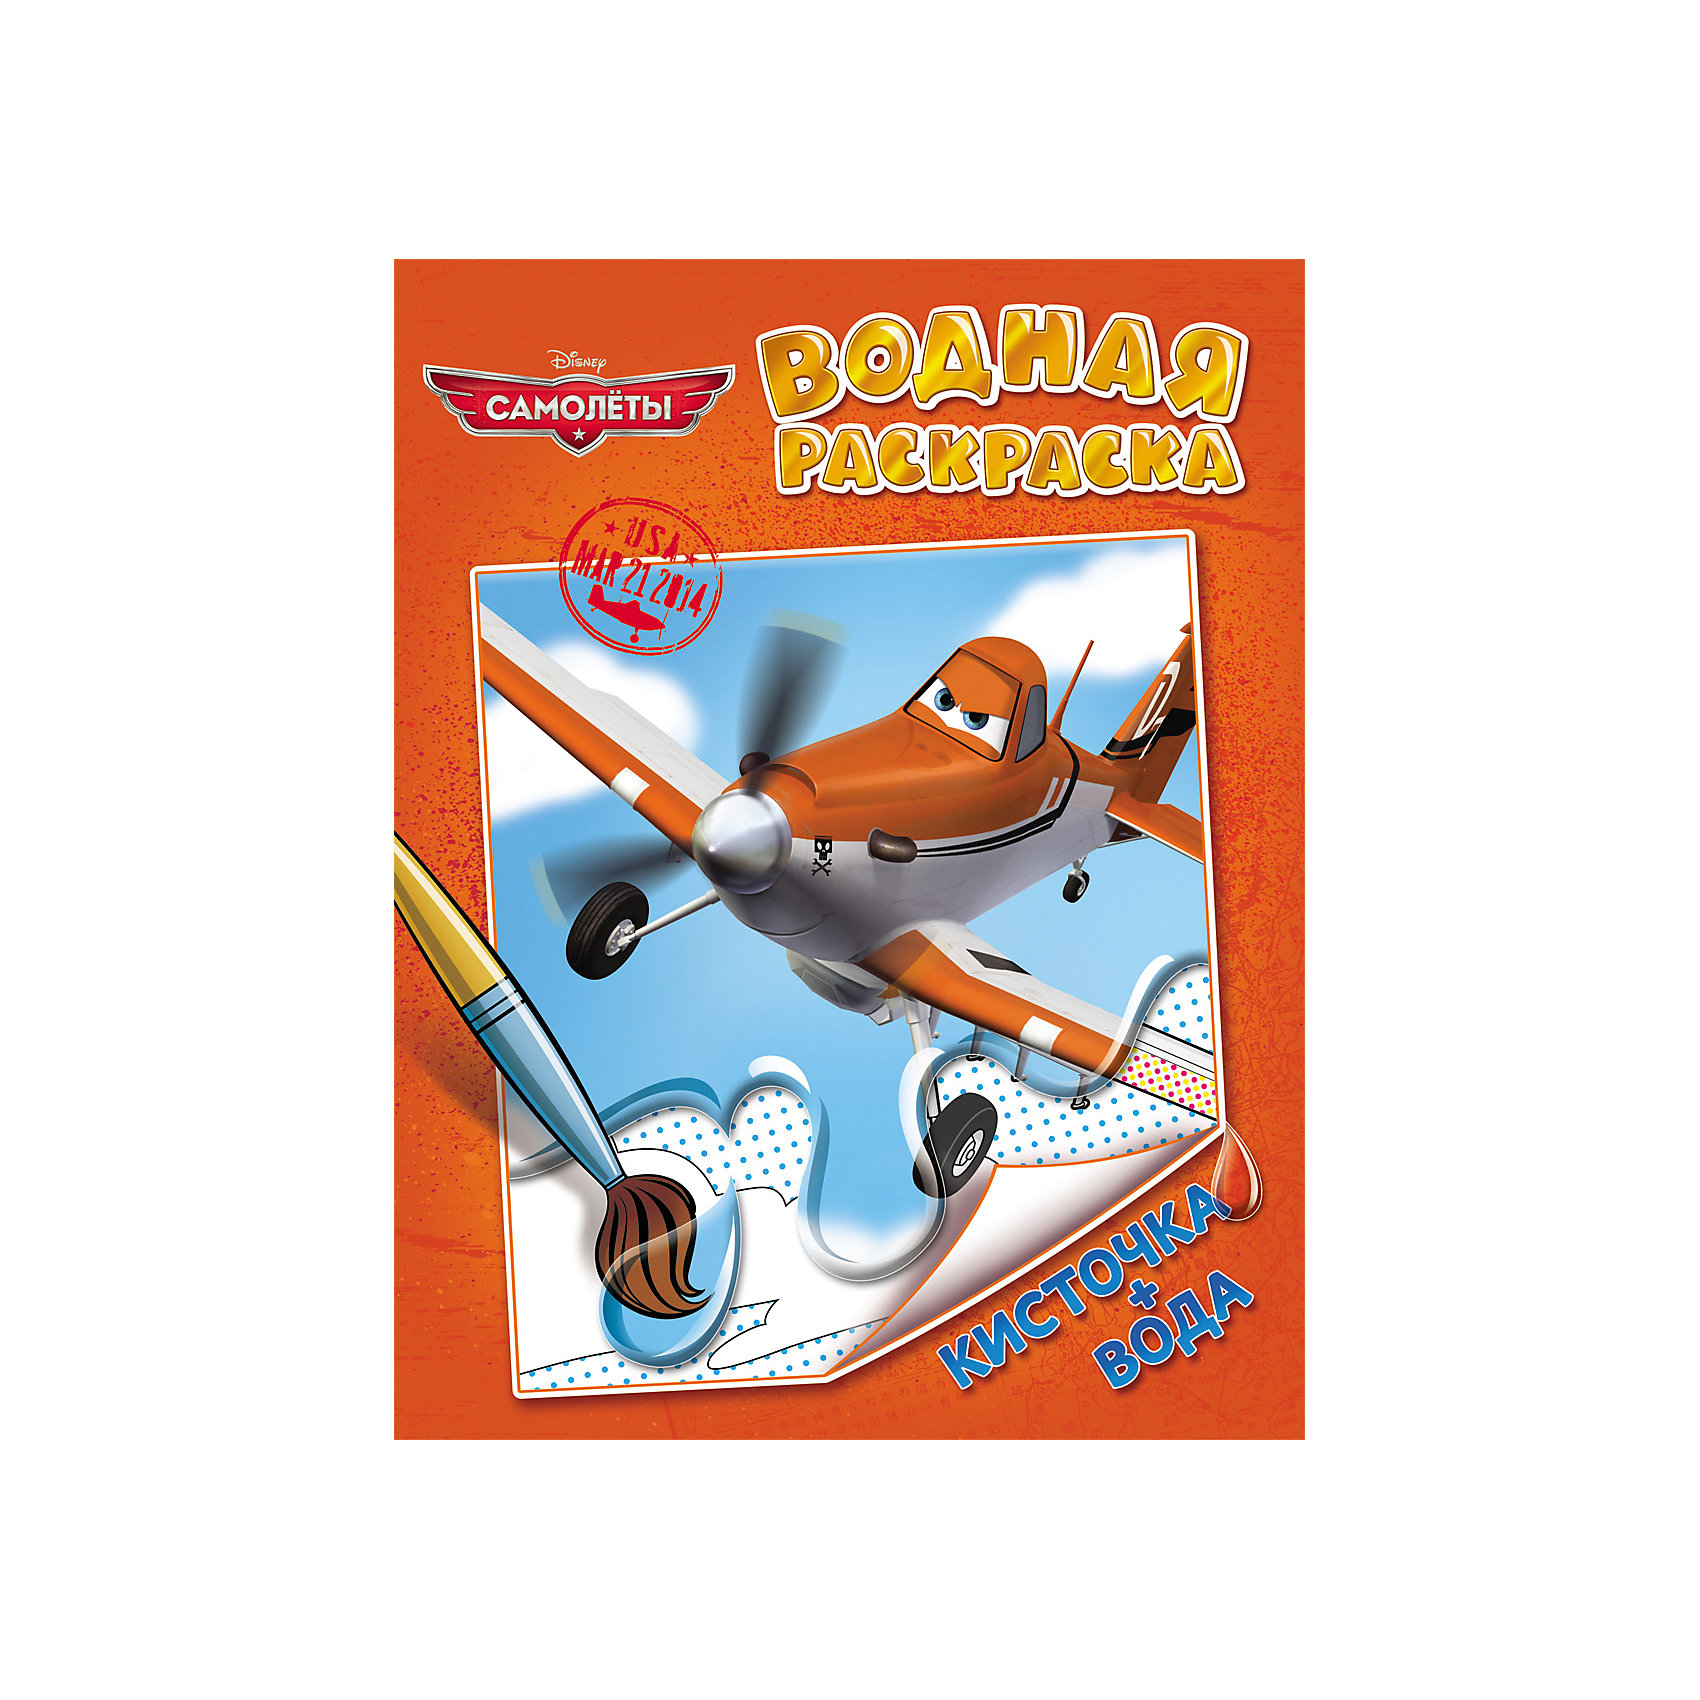 Водная раскраска, Disney СамолетыВодные раскраски - одна из любимых забав малышей, ведь стоит только провести мокрой кисточкой по рисунку, как он в одно мгновение заиграет разноцветными красками. На страницах водной раскраски Disney Самолеты Ваш ребенок встретит любимых героев из популярного диснеевского мультфильма Planes и поможет им стать такими же яркими как в любимом мультике.<br><br>Дополнительная информация:<br><br>- Материал: бумага.<br>- Объем: 8 стр.<br>- Размер: 27,5 х 21 х 0,2 см.<br>- Вес: 58 гр.<br><br>Водную раскраску, Disney Самолеты, можно купить в нашем интернет-магазине.<br><br>Ширина мм: 275<br>Глубина мм: 210<br>Высота мм: 2<br>Вес г: 58<br>Возраст от месяцев: 18<br>Возраст до месяцев: 48<br>Пол: Мужской<br>Возраст: Детский<br>SKU: 4046765